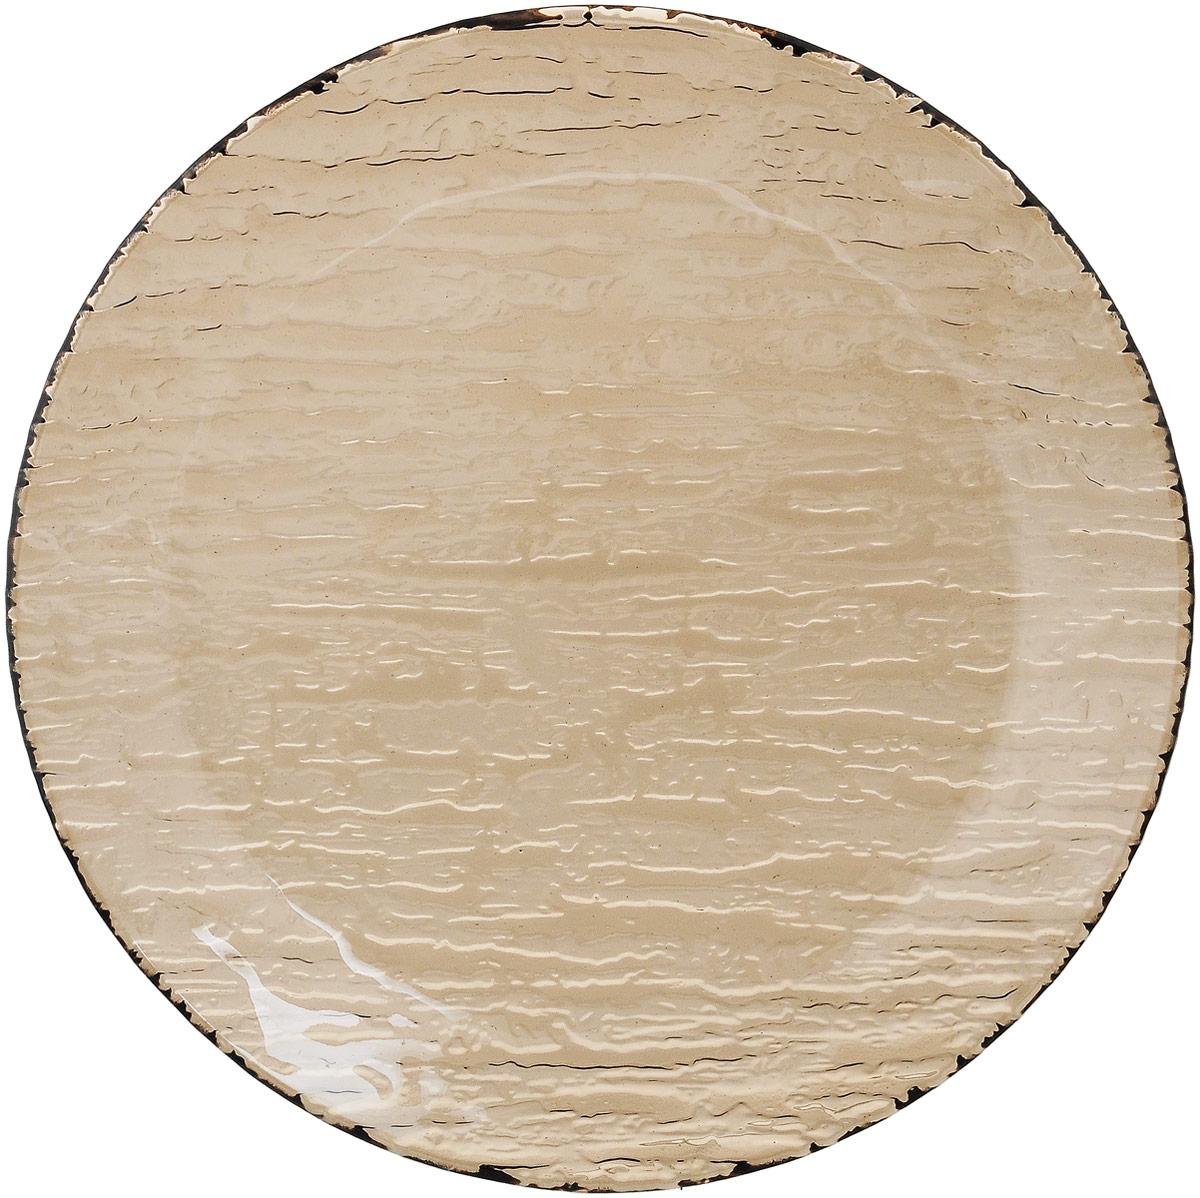 Тарелка десертная Vellarti Водопад, диаметр 20 смAD10-19VBДесертная тарелка Vellarti Водопад, изготовленная из высококачественного стекла, имеет изысканный внешний вид. Такая тарелка прекрасно подходит как для торжественных случаев, так и для повседневного использования. Идеальна для подачи десертов, пирожных, тортов и многого другого. Она прекрасно оформит стол и станет отличным дополнением к вашей коллекции кухонной посуды.Можно использовать в посудомоечной машине и СВЧ.Диаметр тарелки: 20 см.Высота тарелки: 1,7 см.